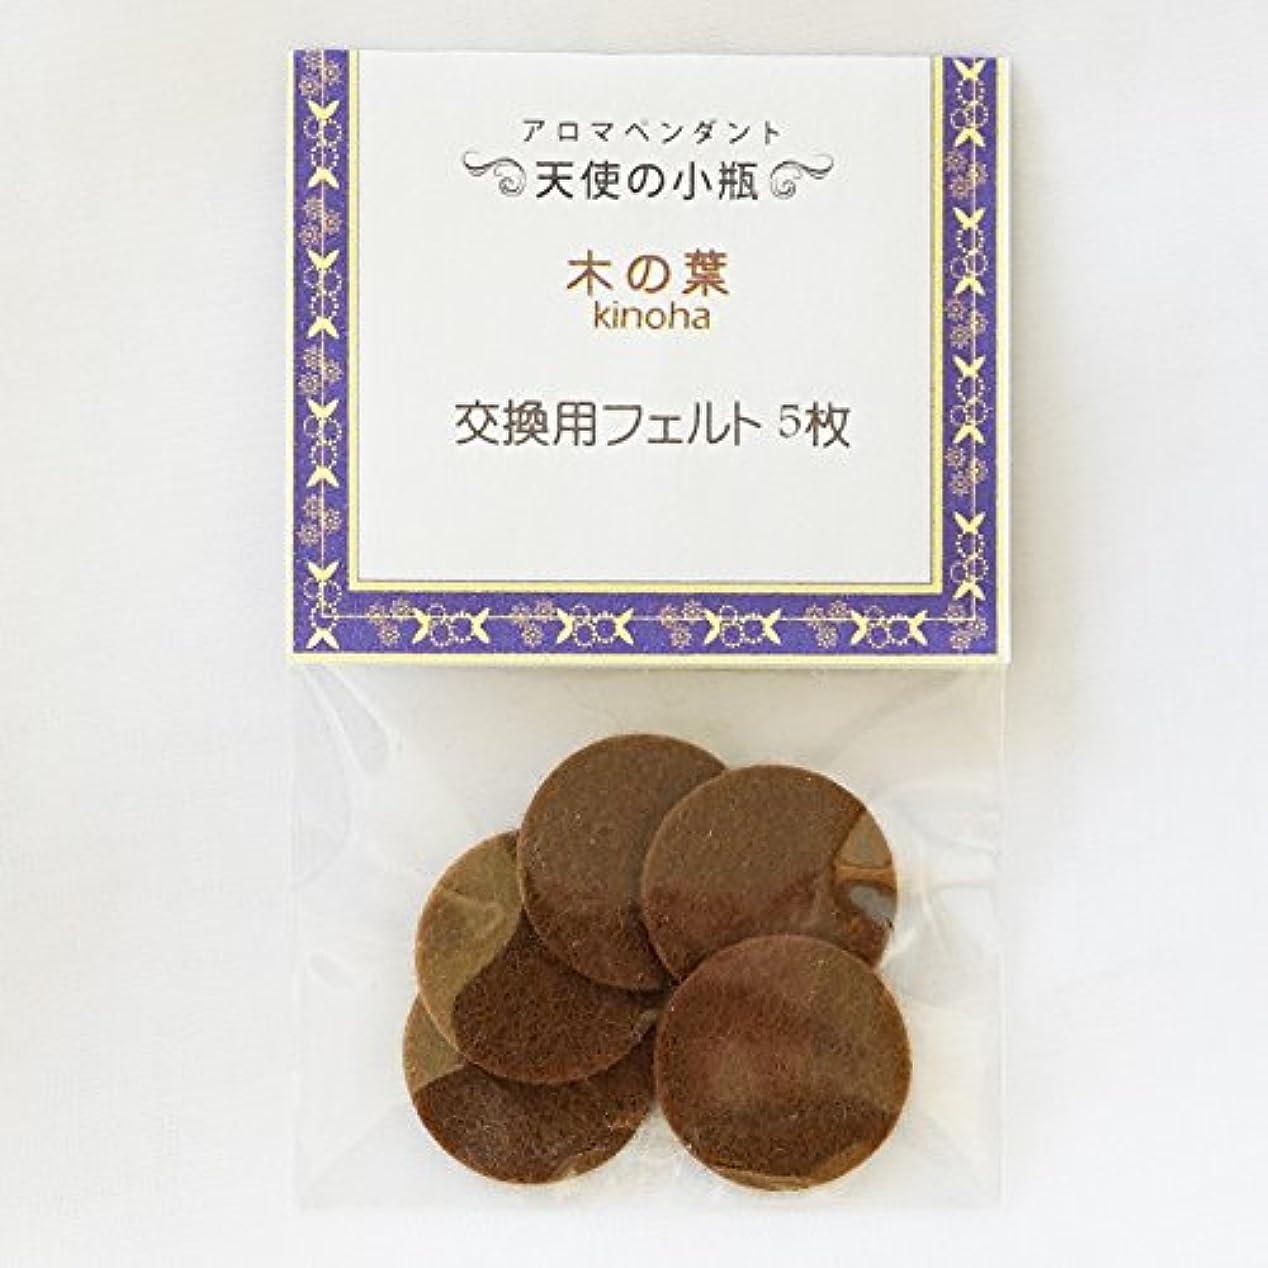 【天使の小瓶】 木の葉(アンティークゴールド)交換用フェルト5枚